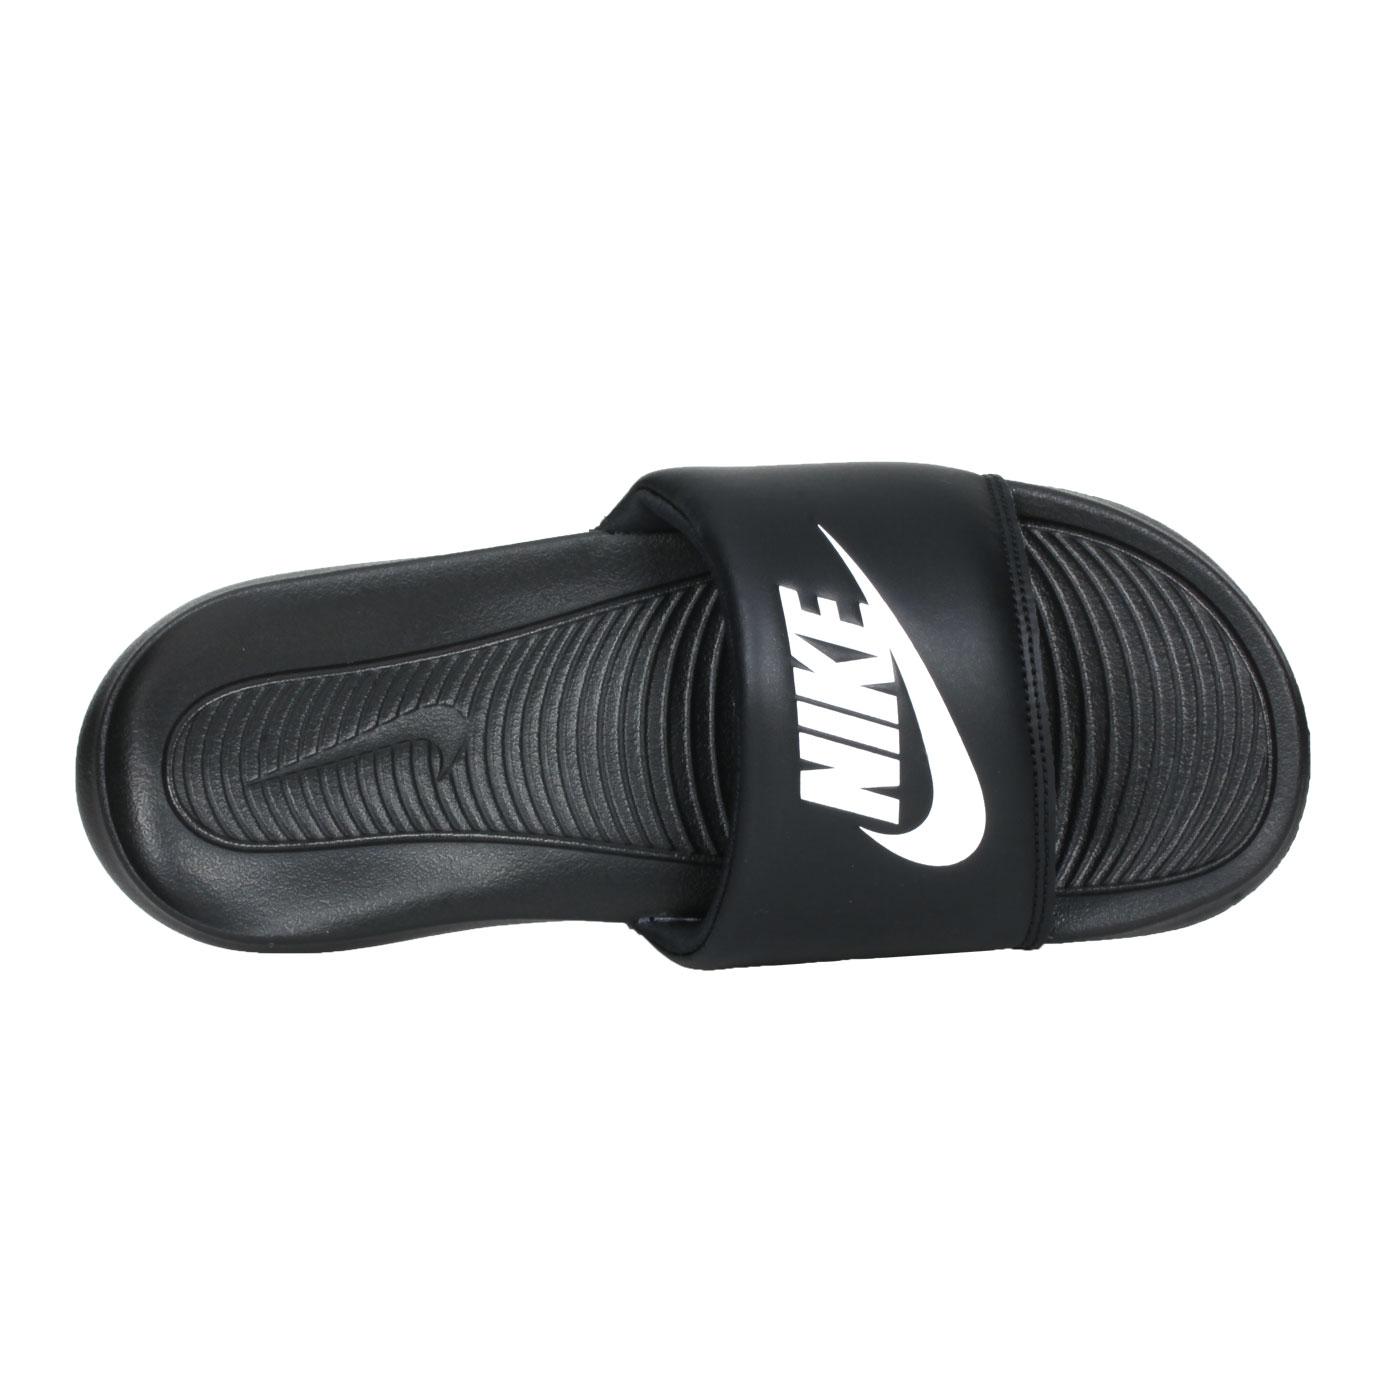 NIKE 女款運動拖鞋  @W  VICTORI ONE SLIDE@CN9677005 - 黑白